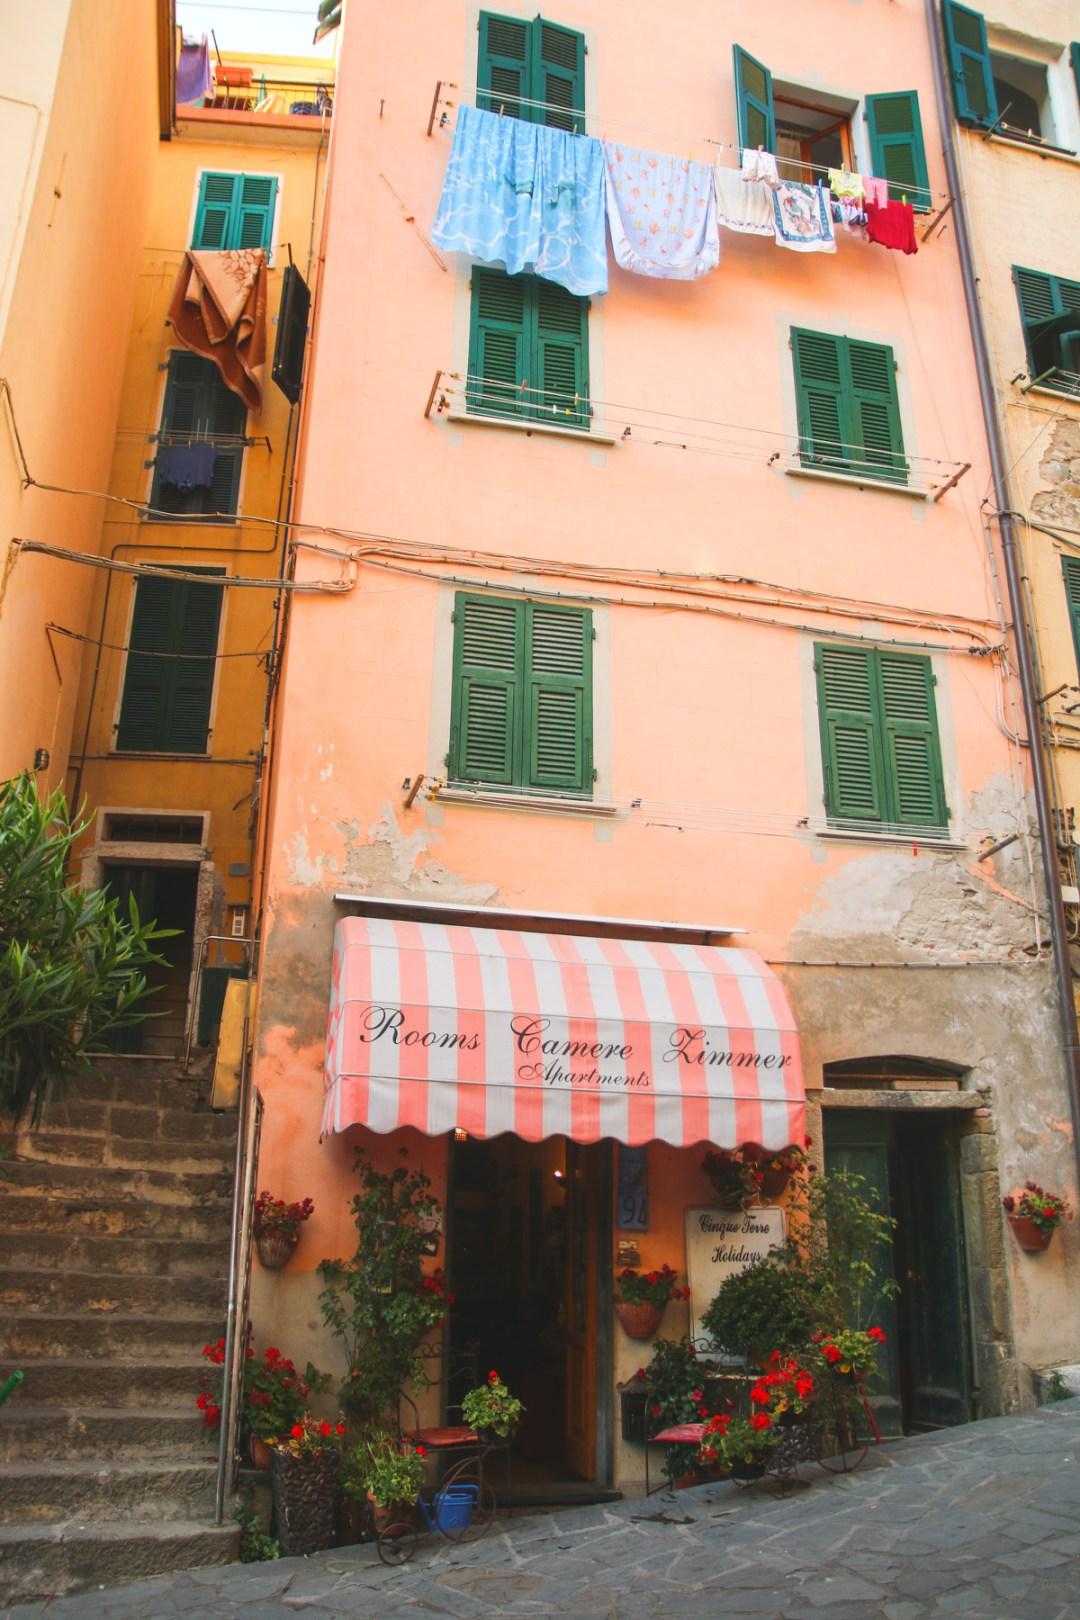 The Colourful Buildings of Riomaggiore in Cinque Terre, Ligurai Region, Italy